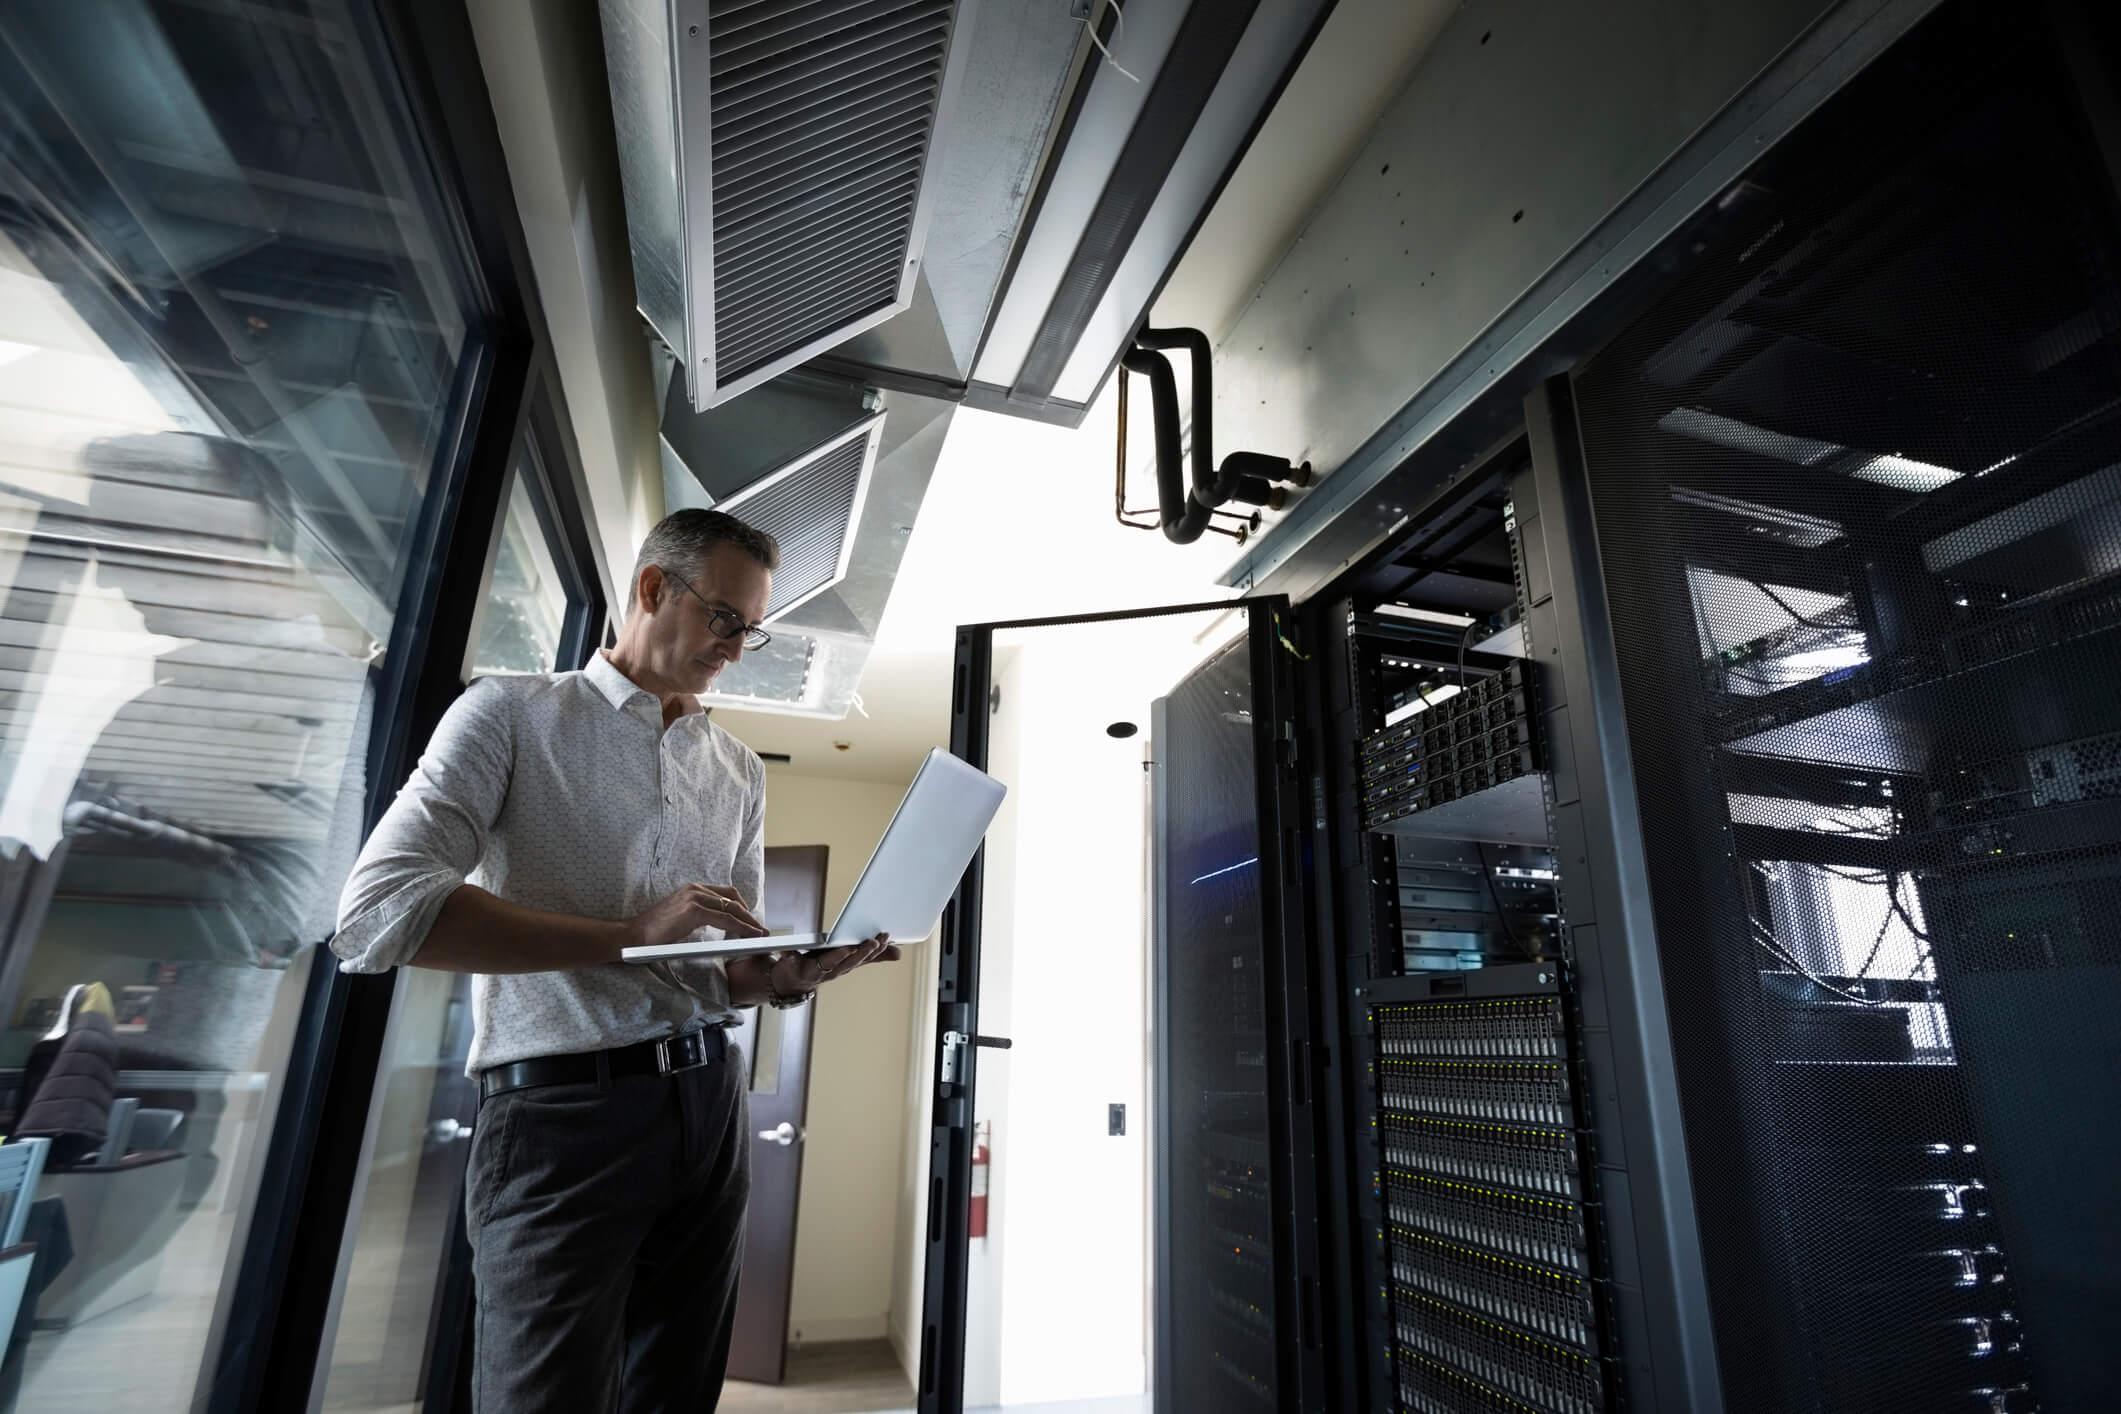 Male Caucasian IT technician using laptop in server room